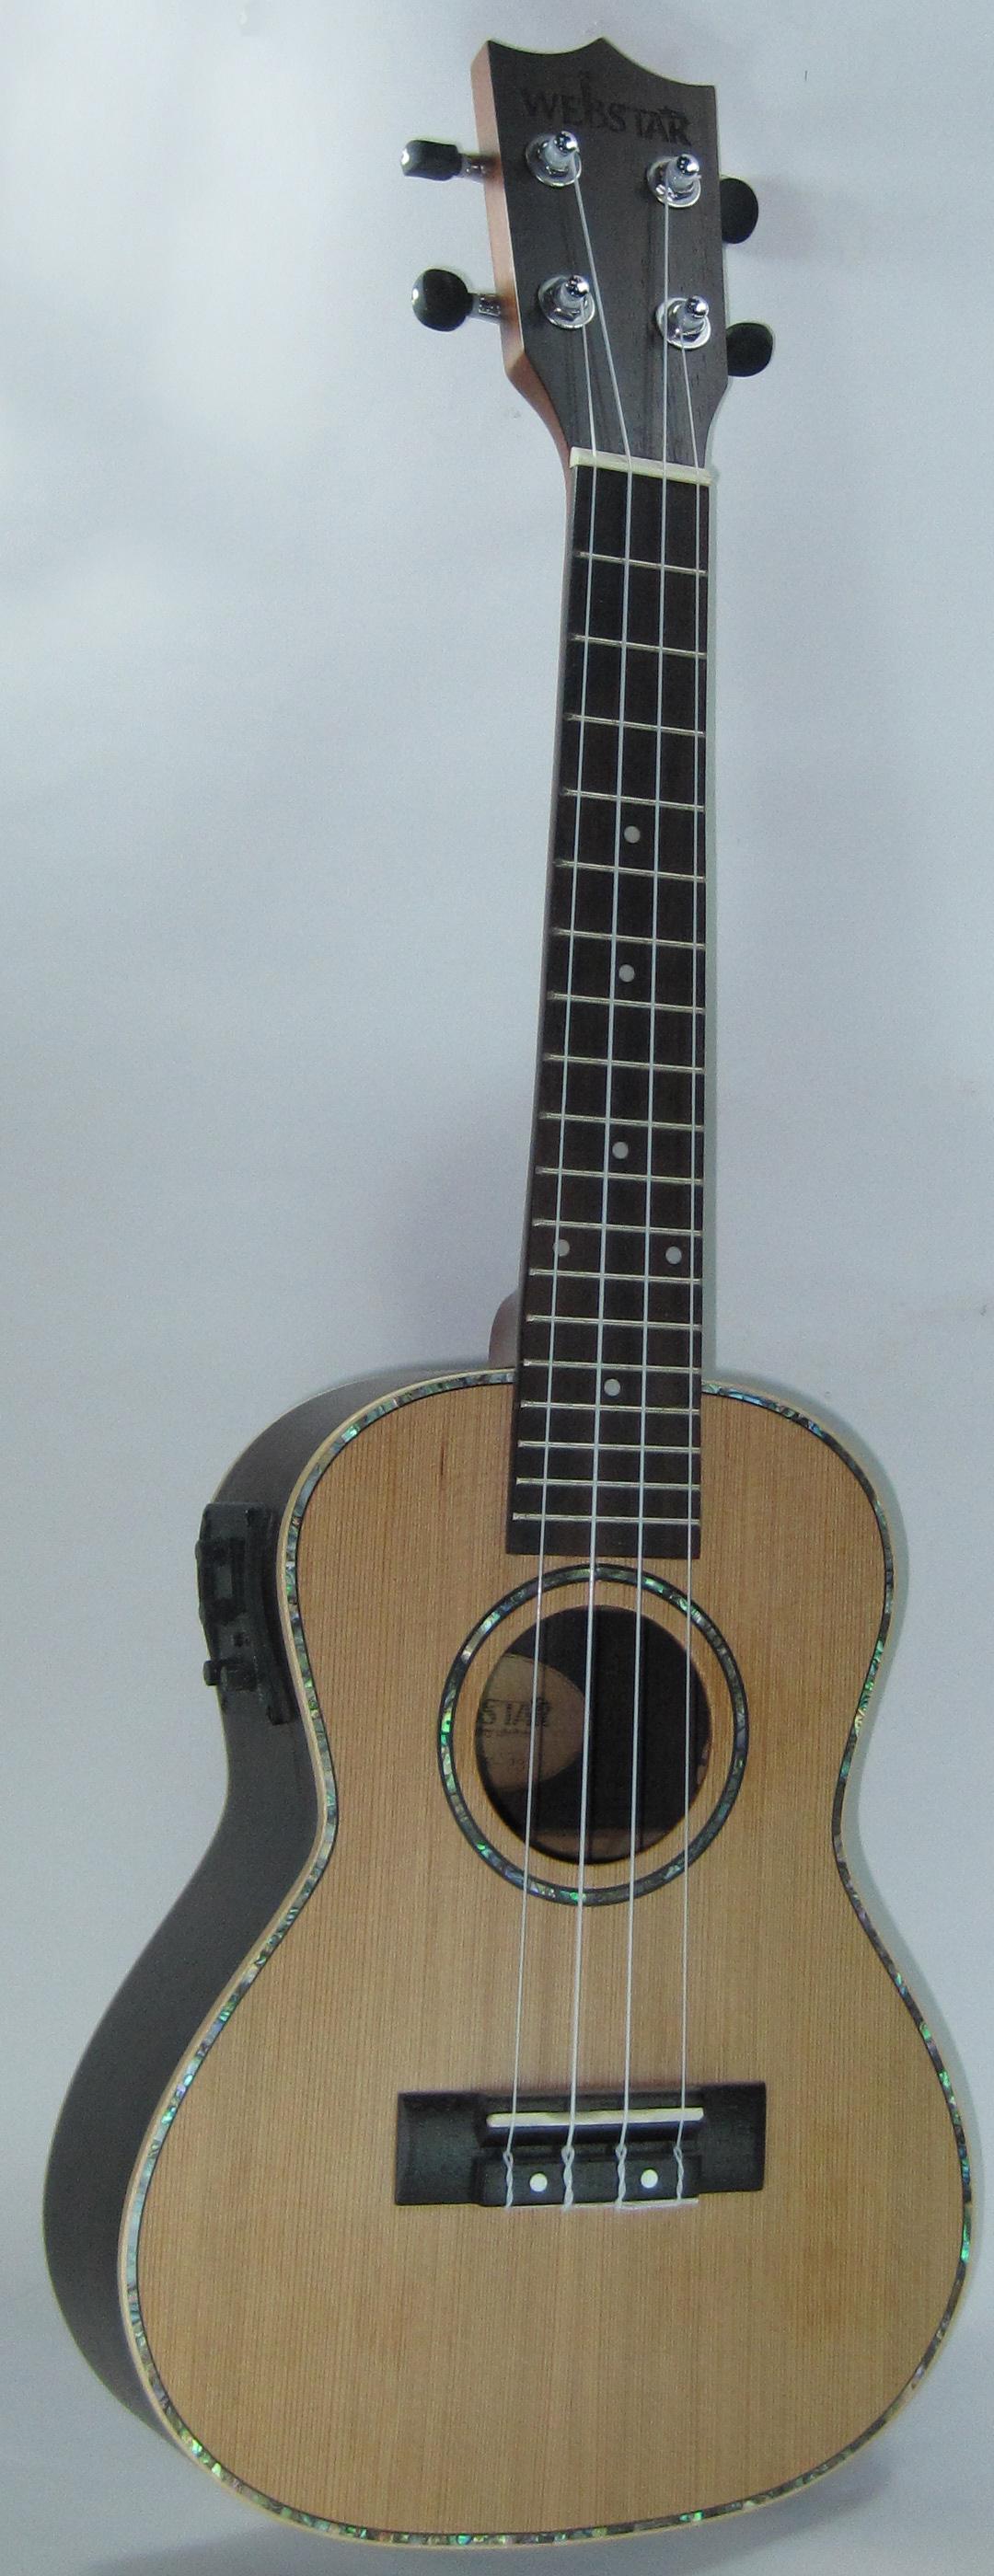 中和胡桃鉗樂器 23吋頂級紅松木面單電烏克麗麗。超級便宜又超頂級的烏克麗麗!